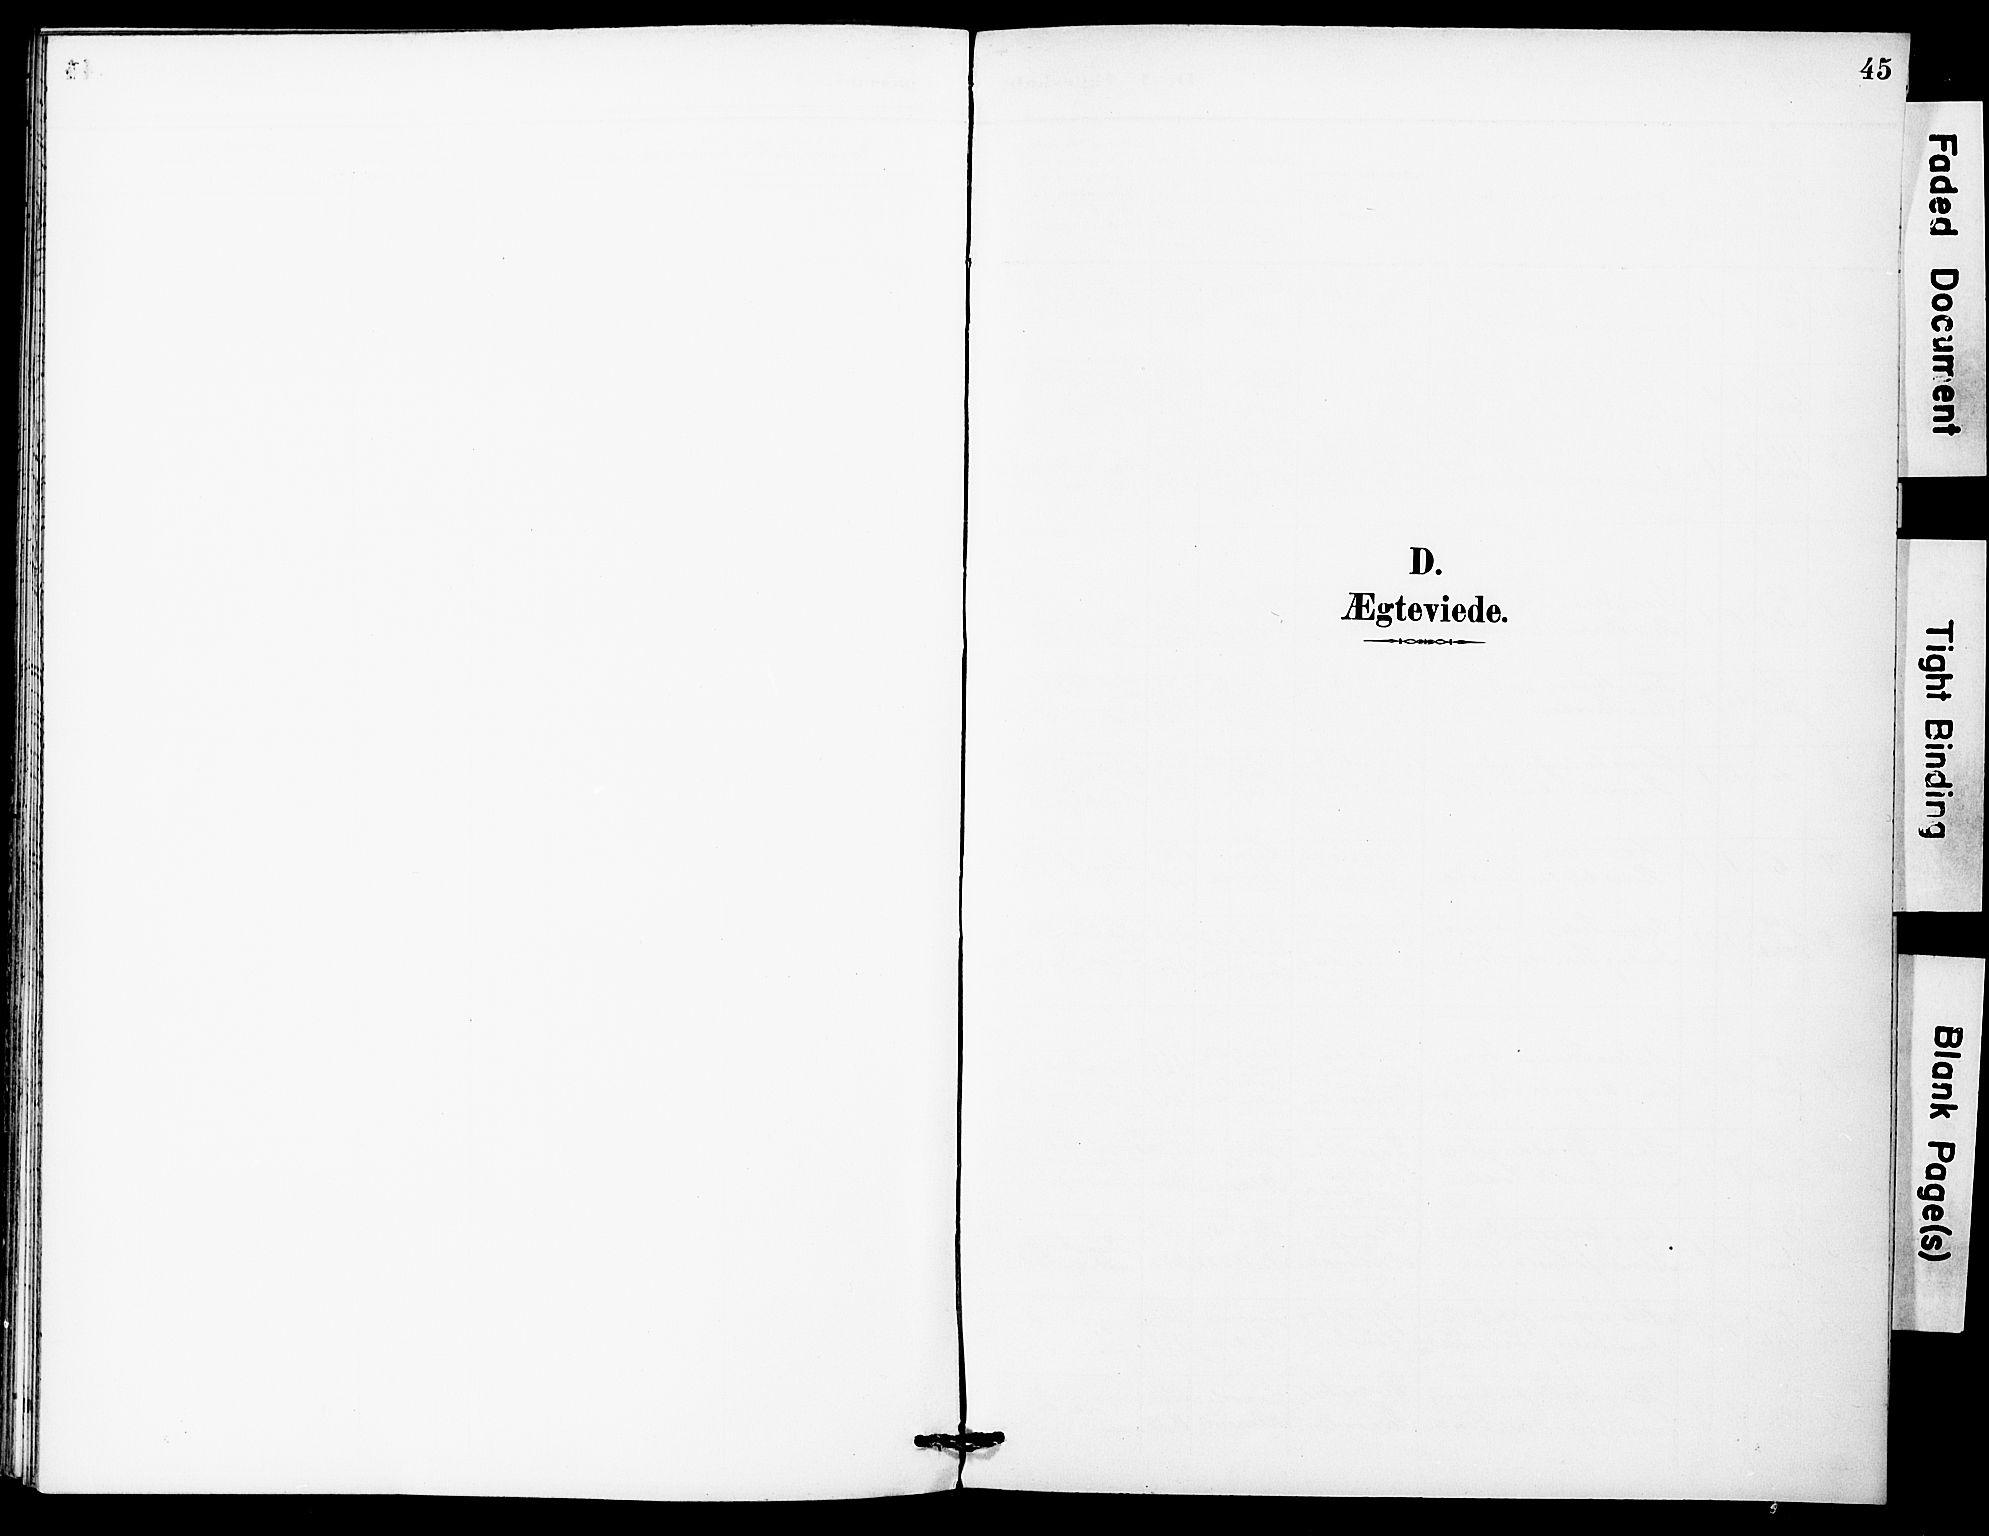 SAT, Ministerialprotokoller, klokkerbøker og fødselsregistre - Sør-Trøndelag, 683/L0948: Ministerialbok nr. 683A01, 1891-1902, s. 45